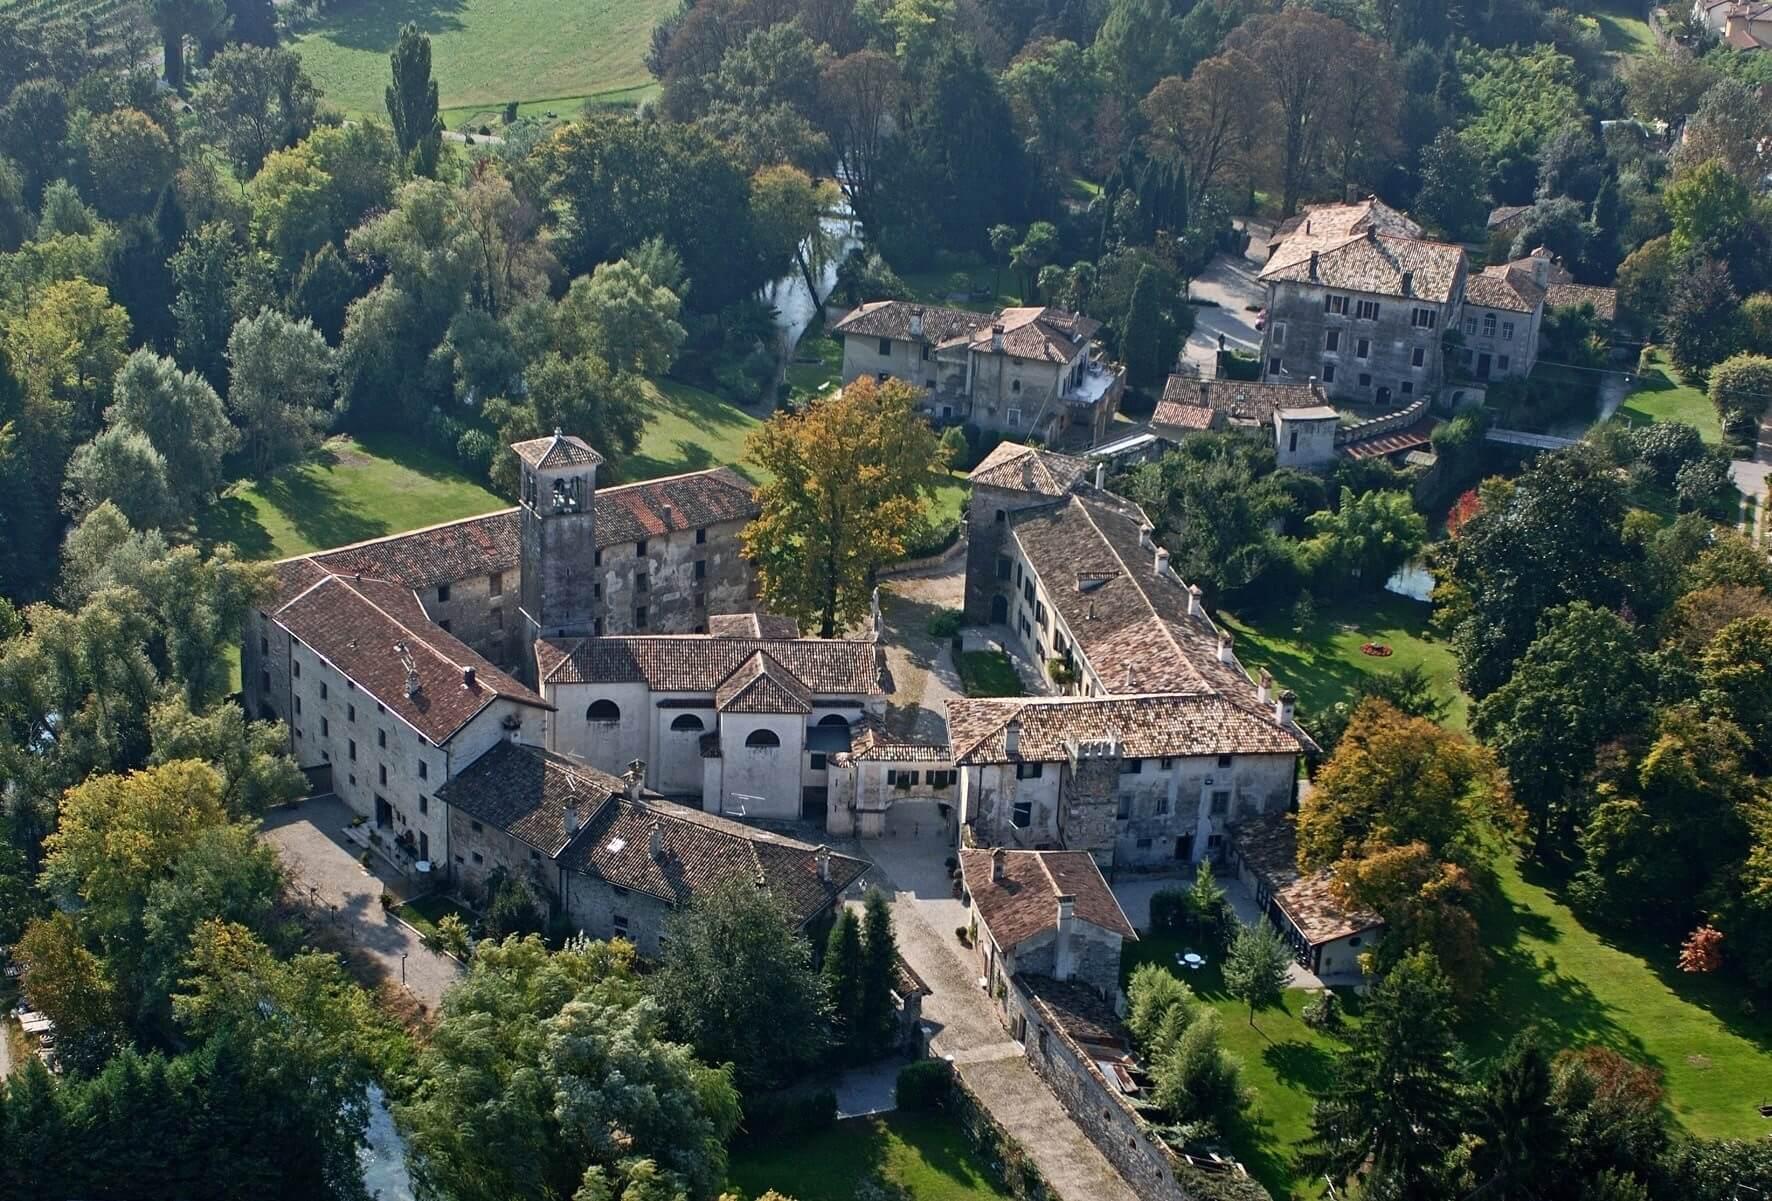 """""""In Autunno: Frutti, Acque e Castelli"""" (XXI edizione)  19 e 20 ottobre 2019 ai Castelli di Strassoldo in FriuliVG"""